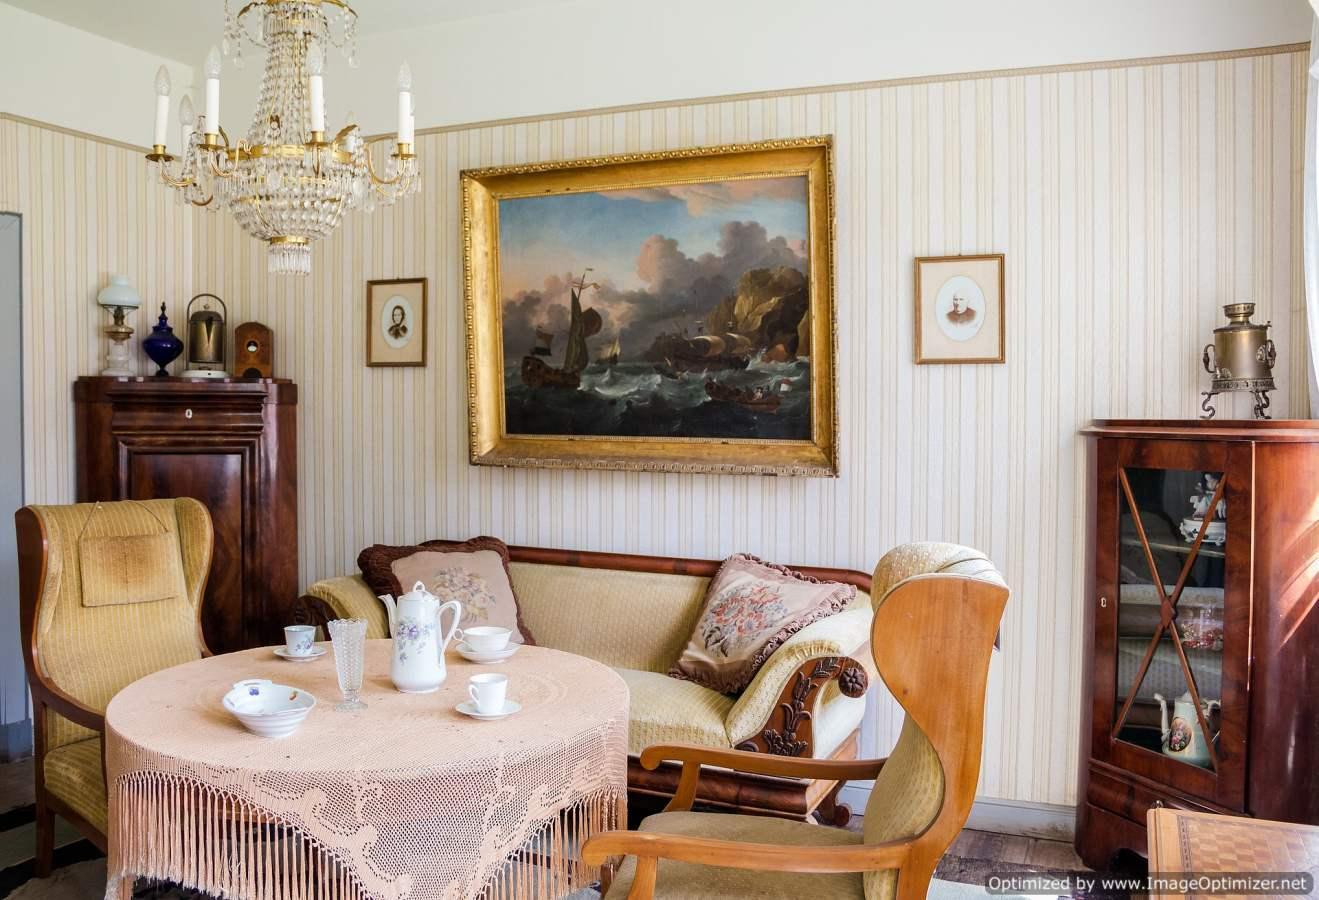 a nice room